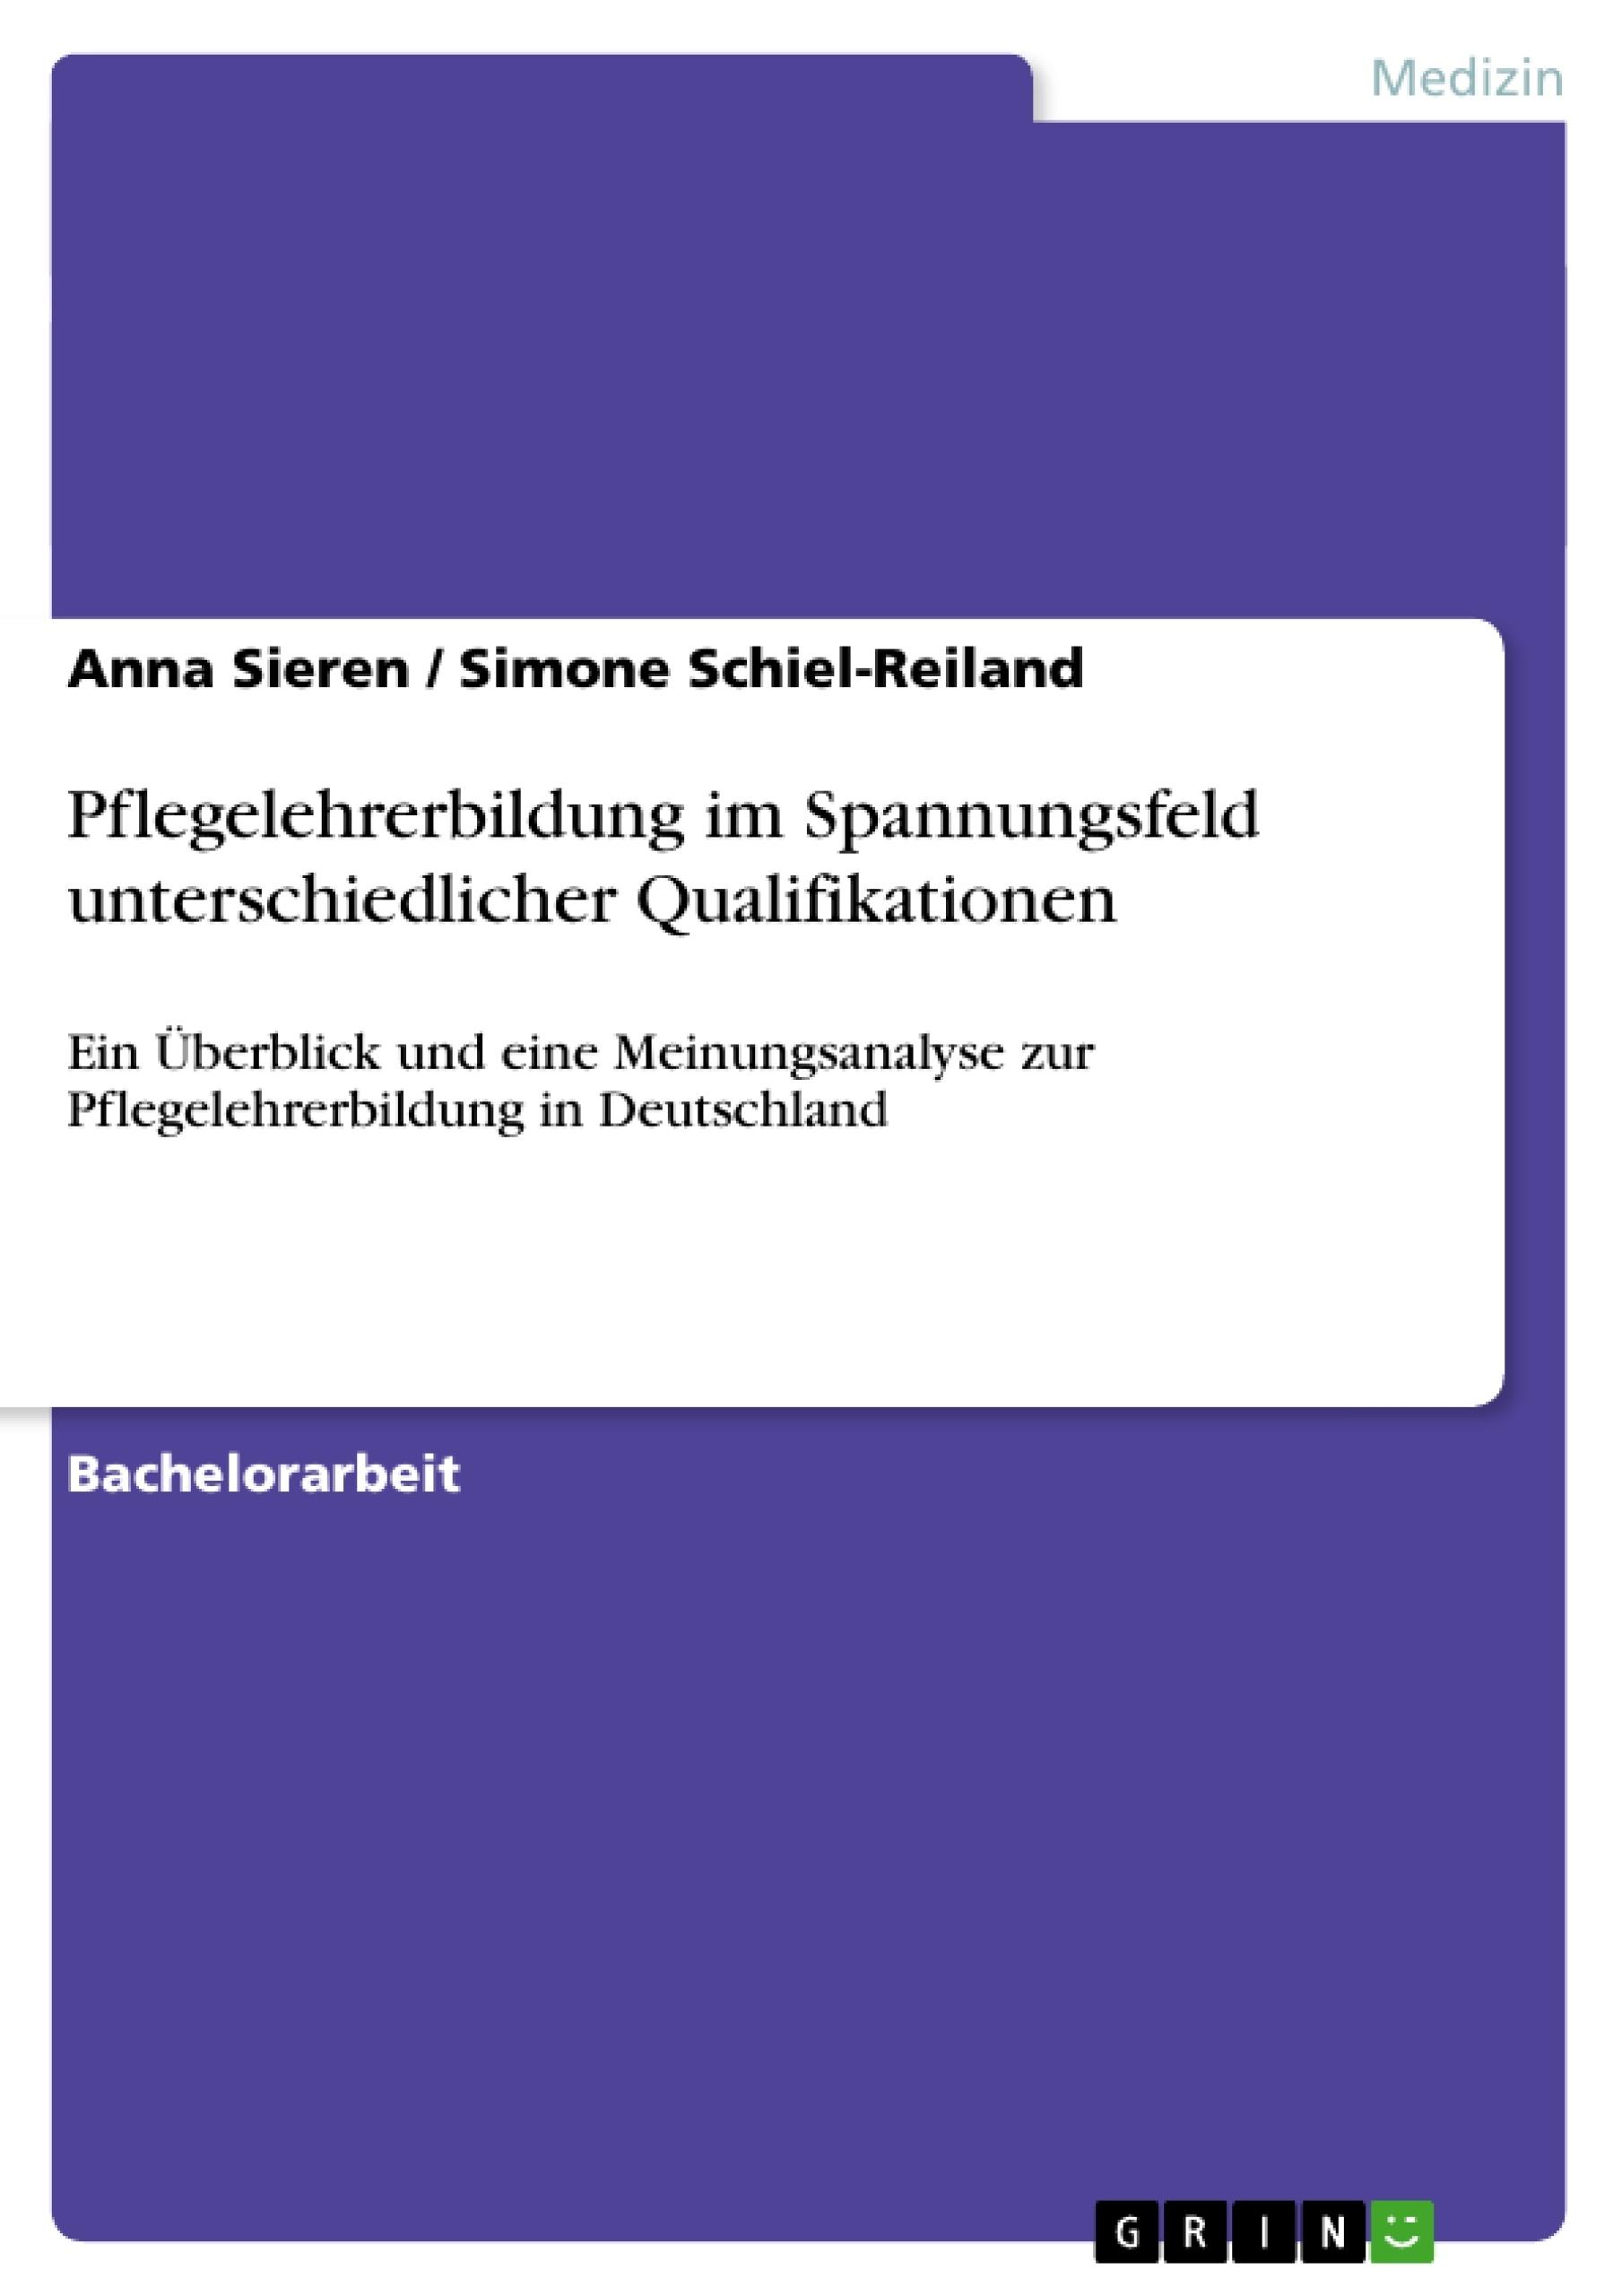 Titel: Pflegelehrerbildung im Spannungsfeld unterschiedlicher Qualifikationen